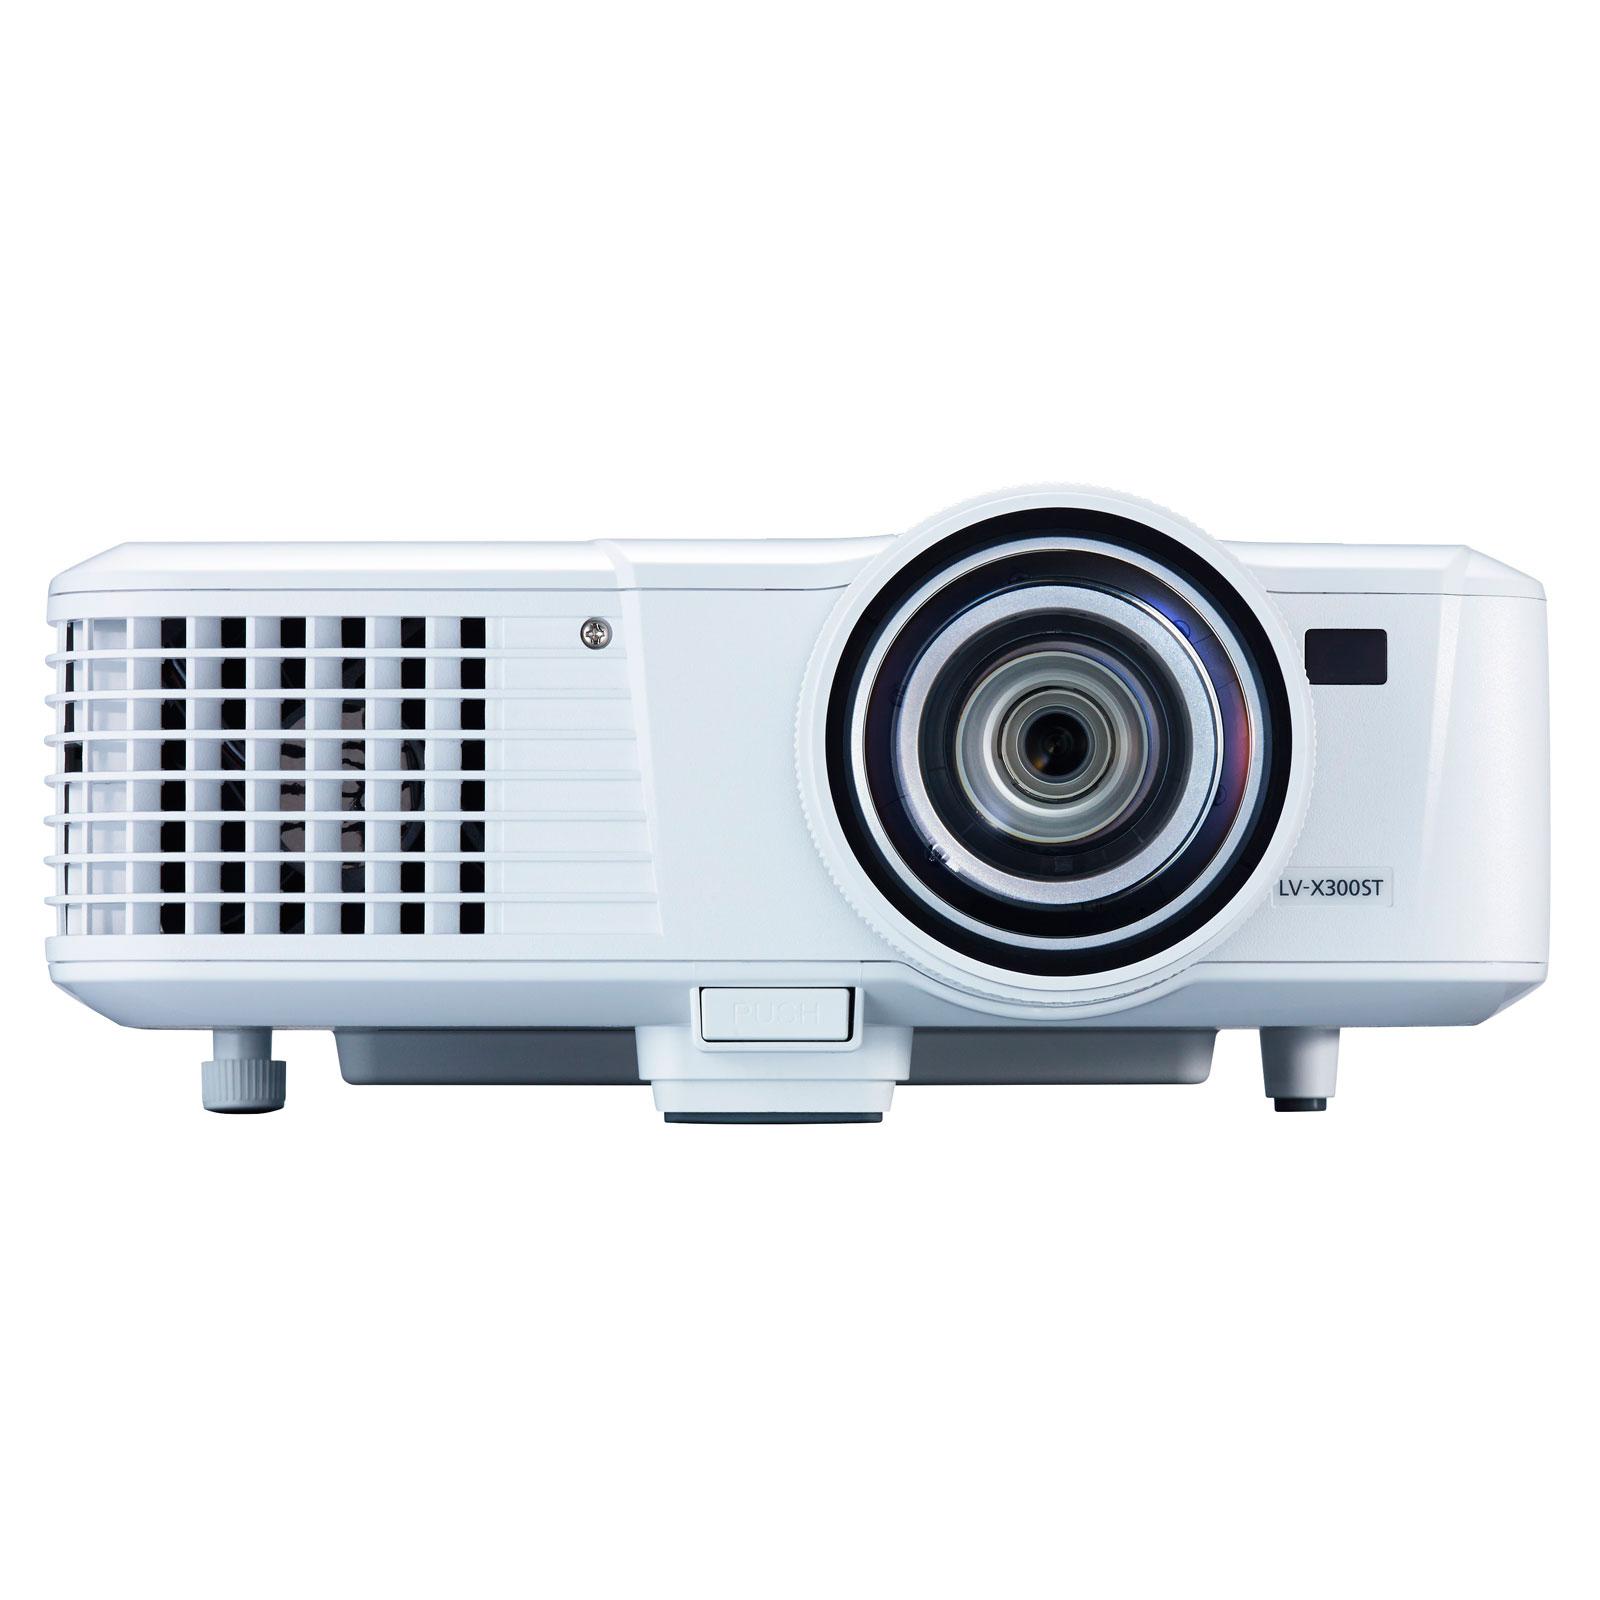 Vidéoprojecteur Canon LV-X300ST Vidéoprojecteur DLP XGA 3000 Lumens HDMI Focale courte (garantie constructeur 3 ans)